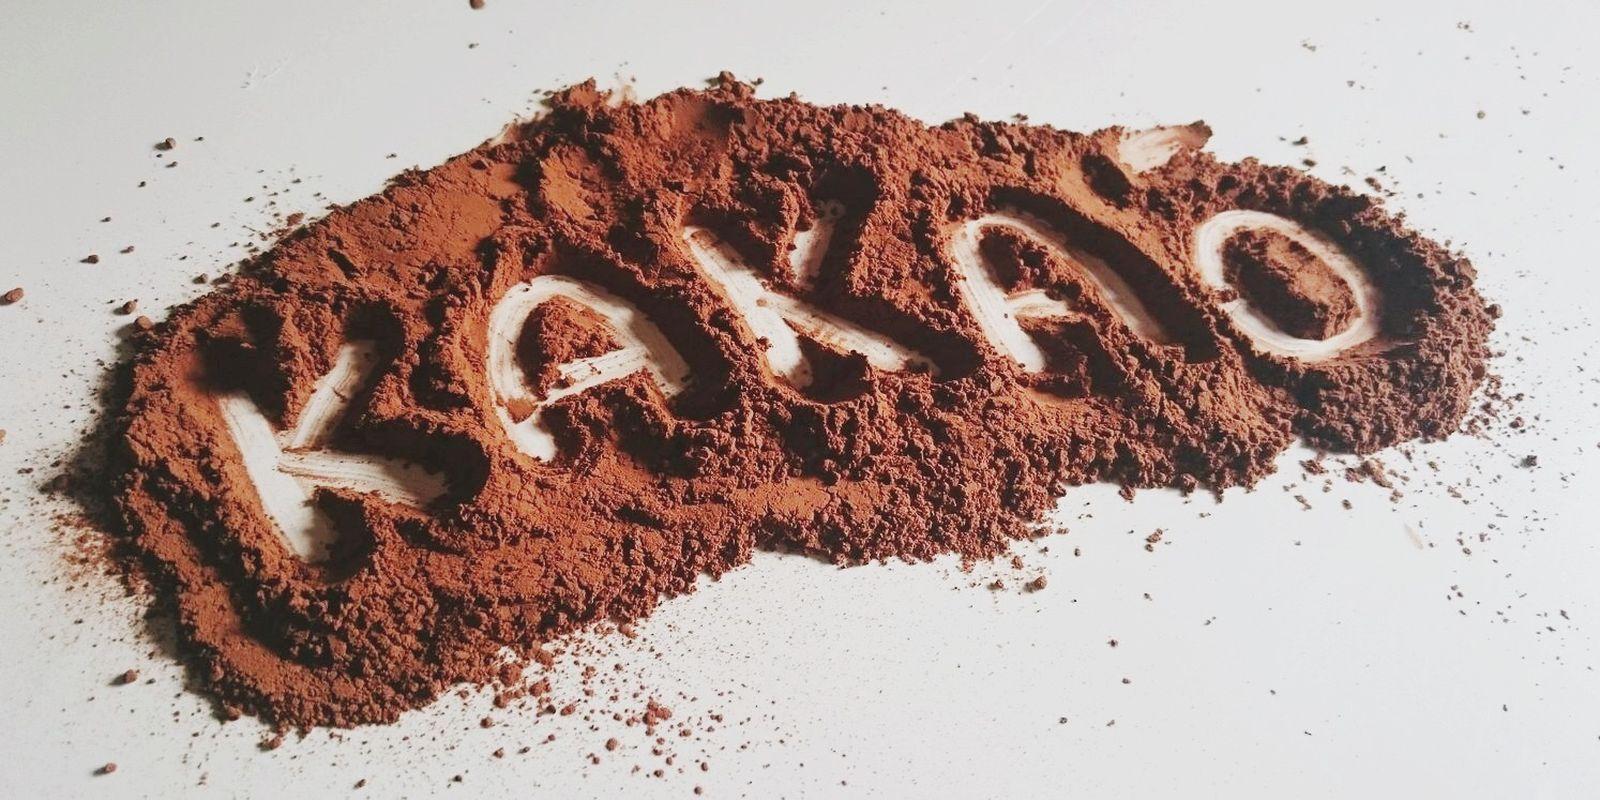 Jak působí kakaové boby na člověka?